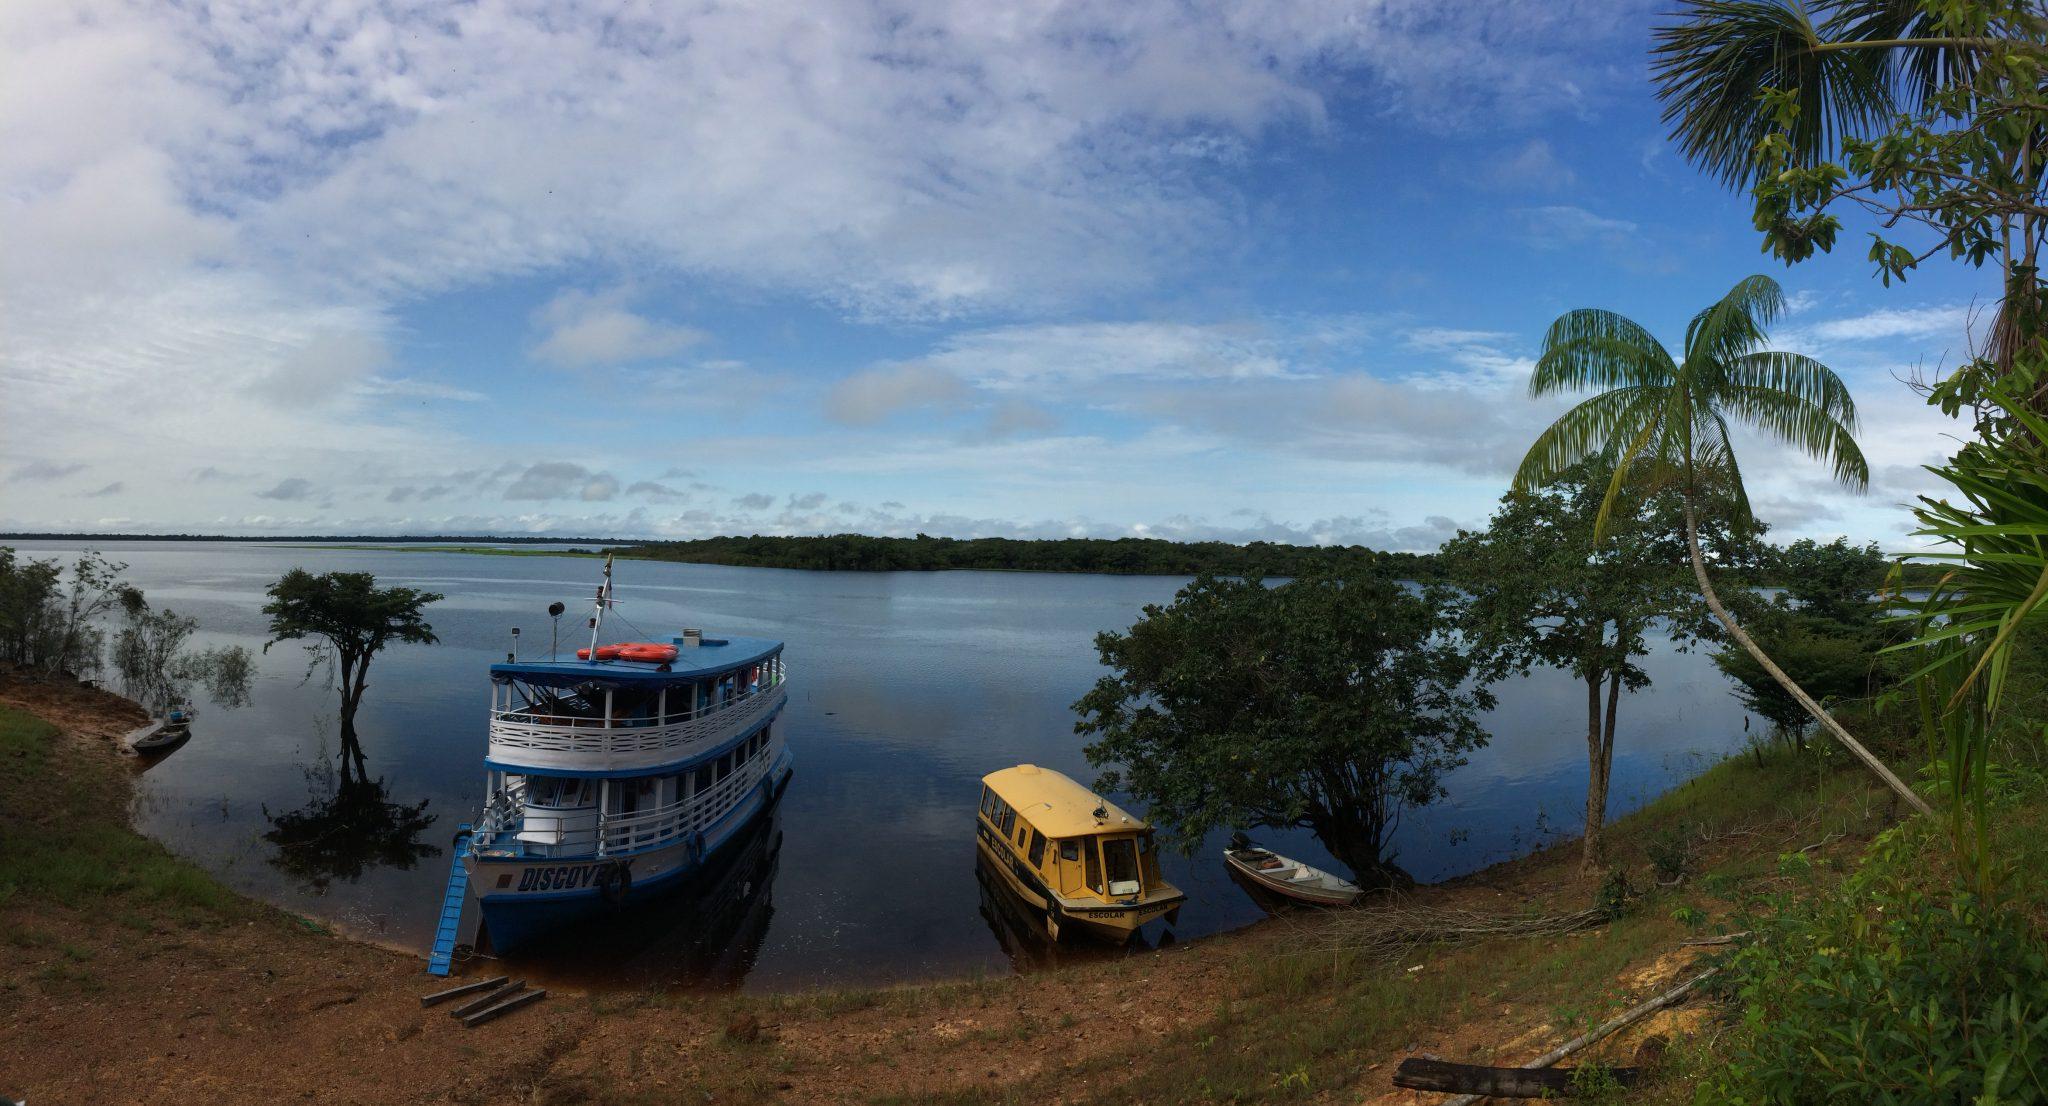 Volunturismo e Turismo de Base Comunitária na Amazônia: descobrindo a região de uma forma autêntica e fazendo o bem!